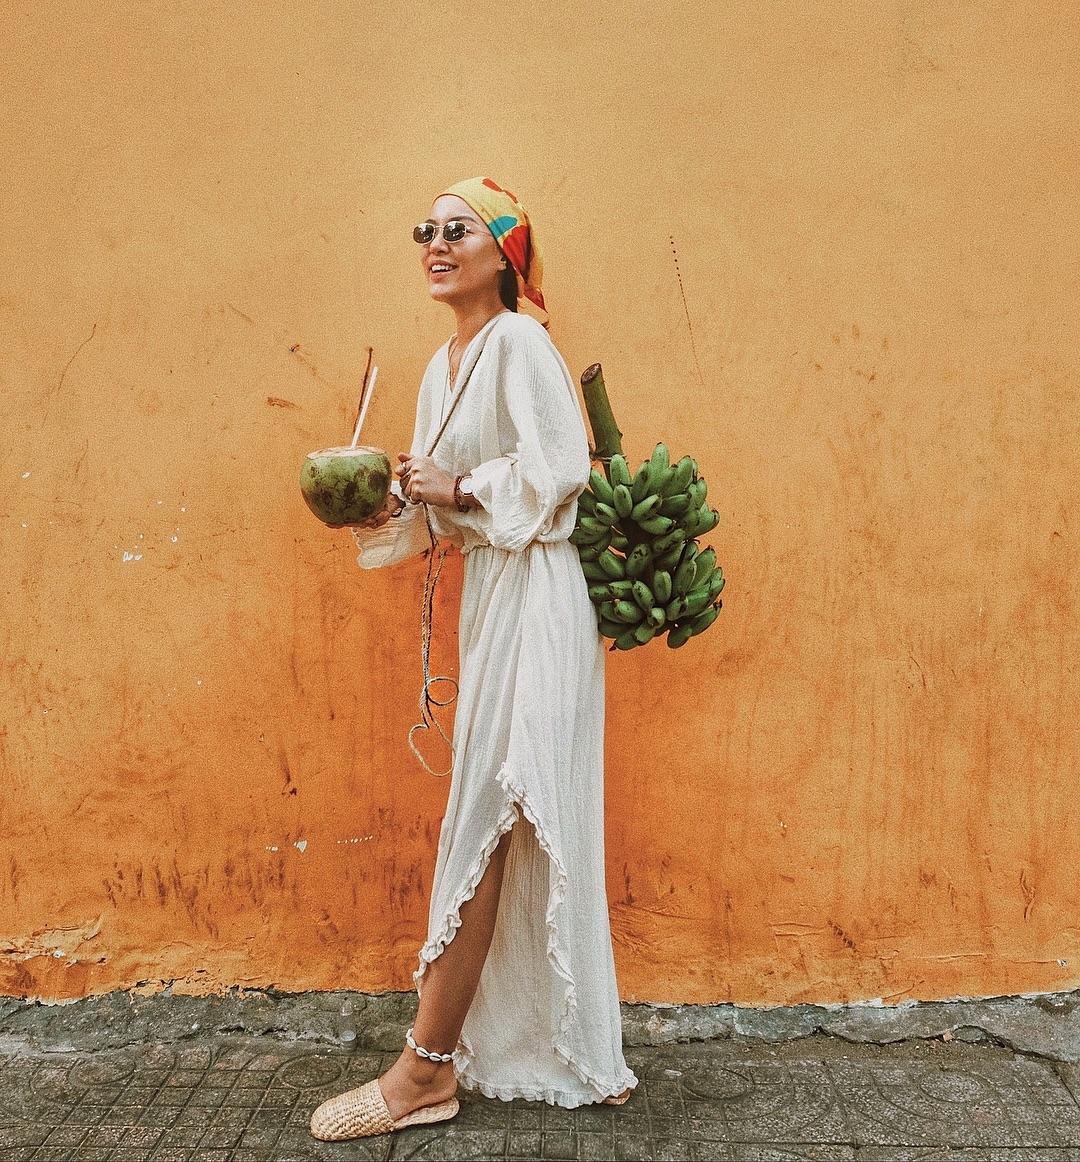 lê hà trúc mặc đầm trắng vải xô phong cách vintage đeo khăn bandana